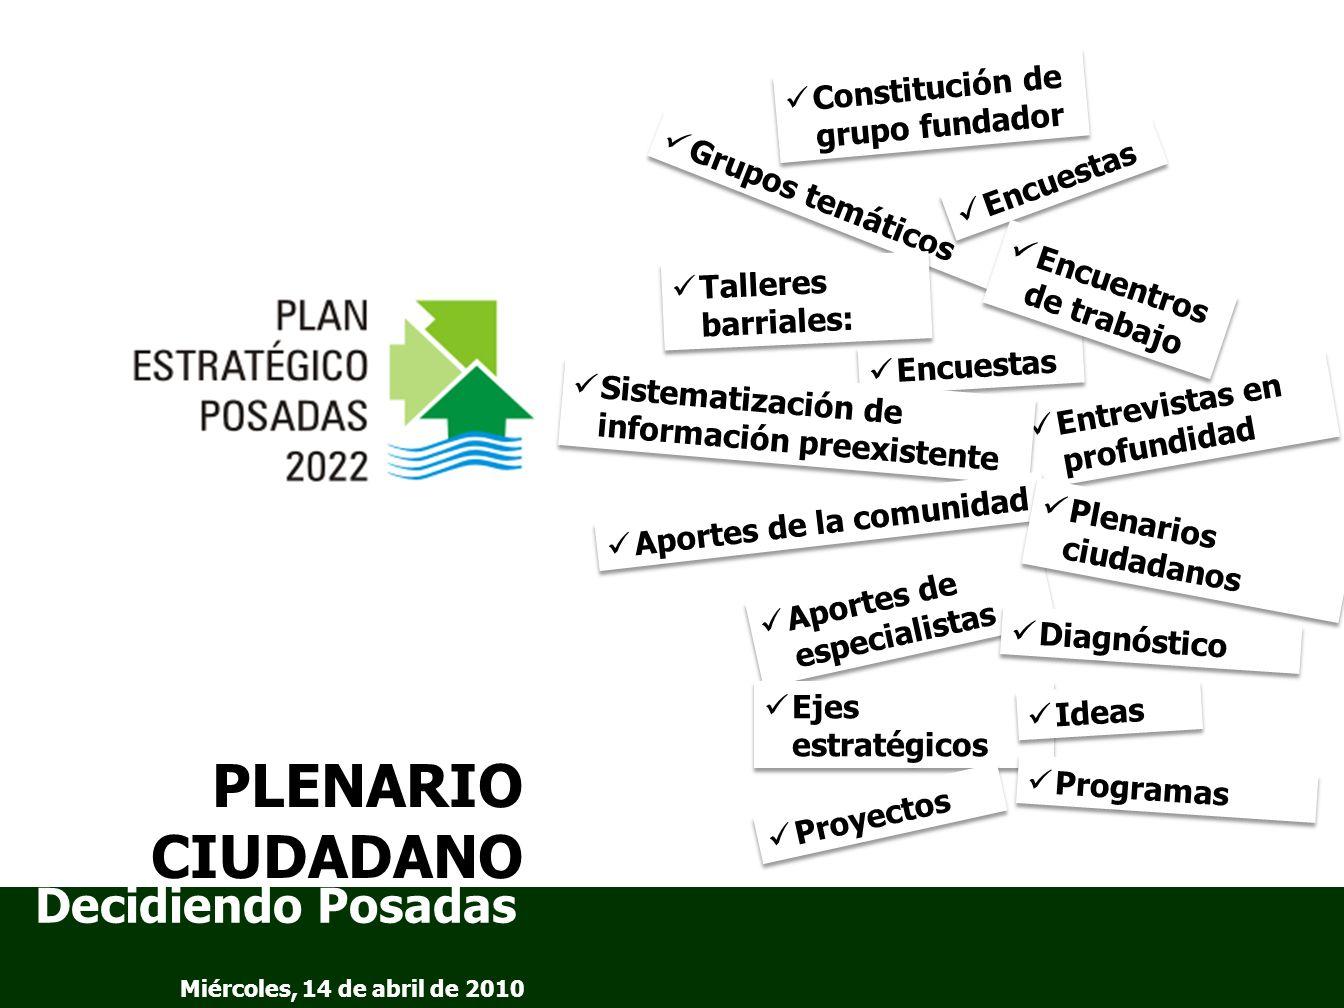 1-Visión / 4-Ejes estratégico /15-Programas / 55- Proyectos